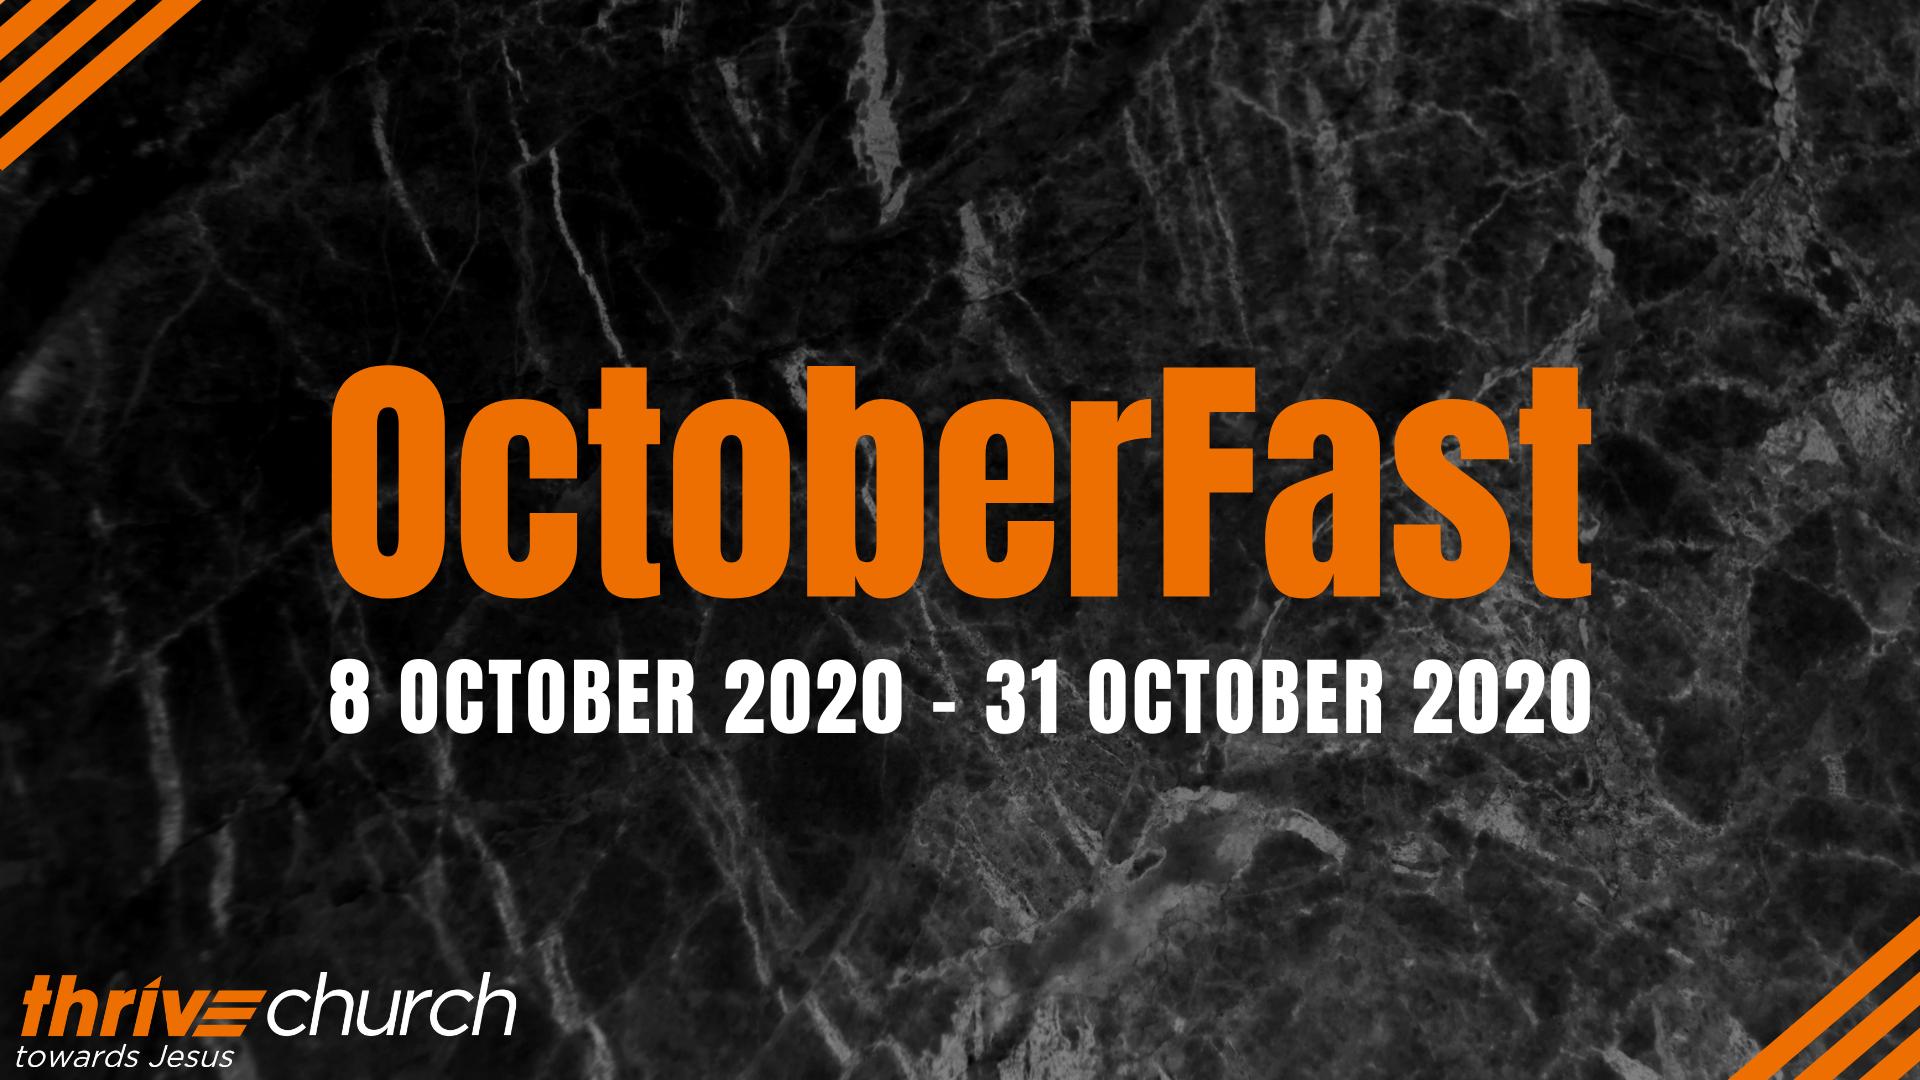 October Fast